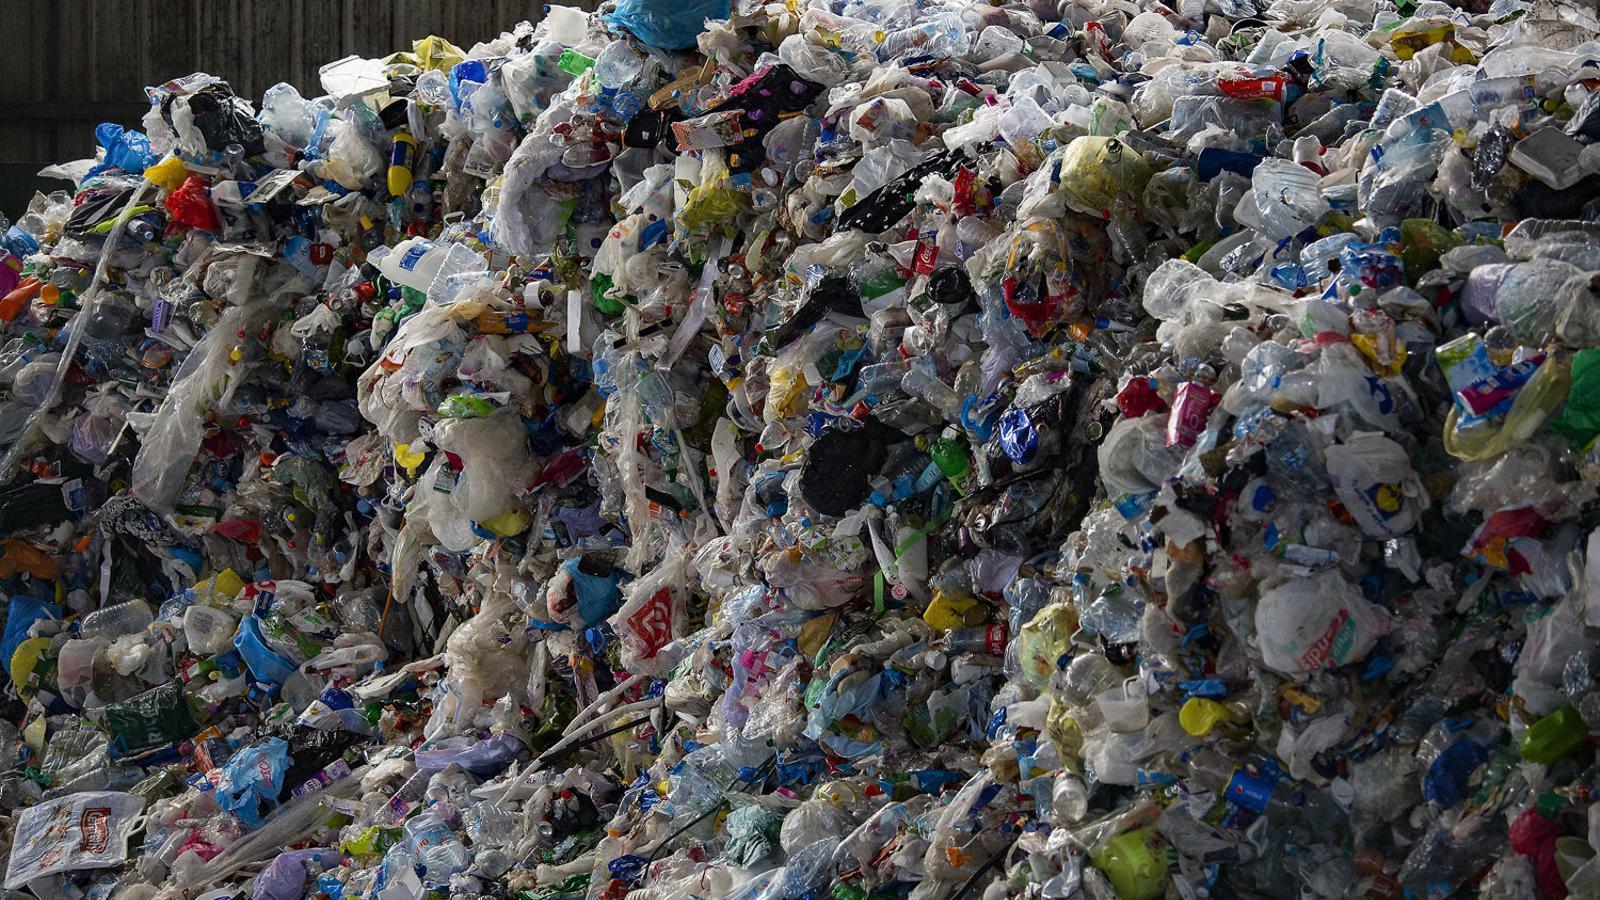 A Balears, pràcticament s'ha duplicat la quantitat de residus plàstics recollits els darrers set anys.